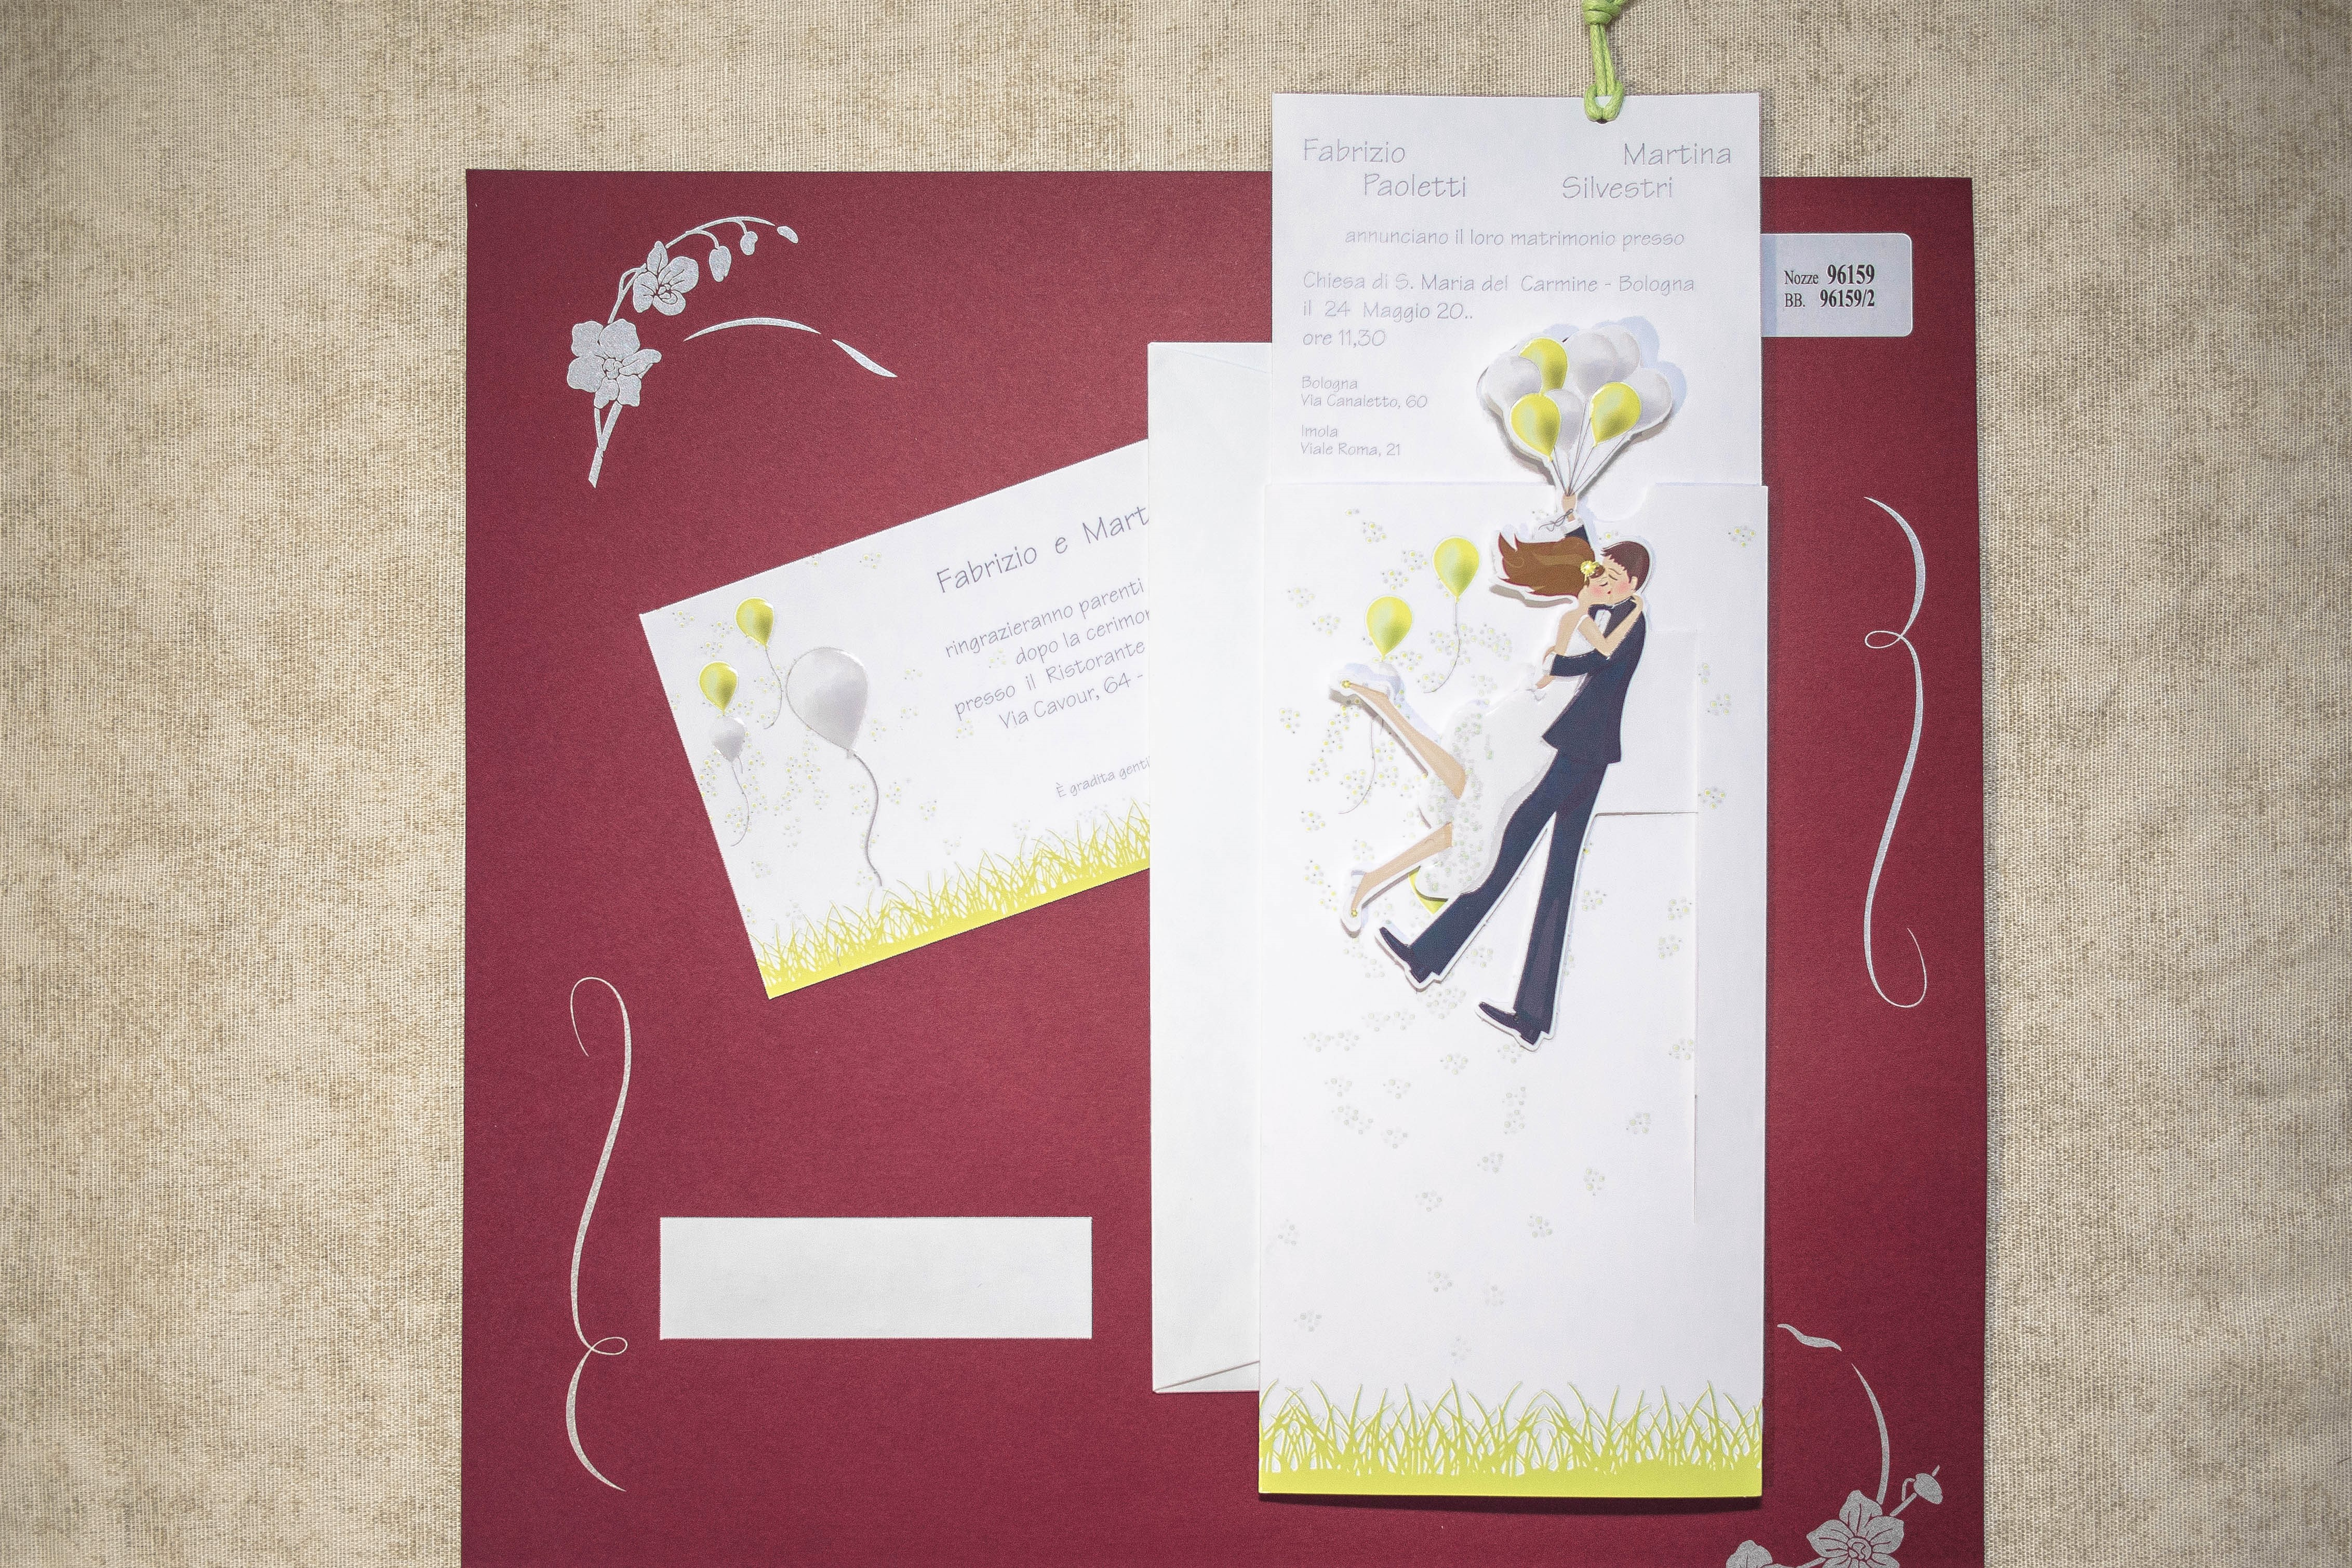 partecipazione di matrimonio 96159